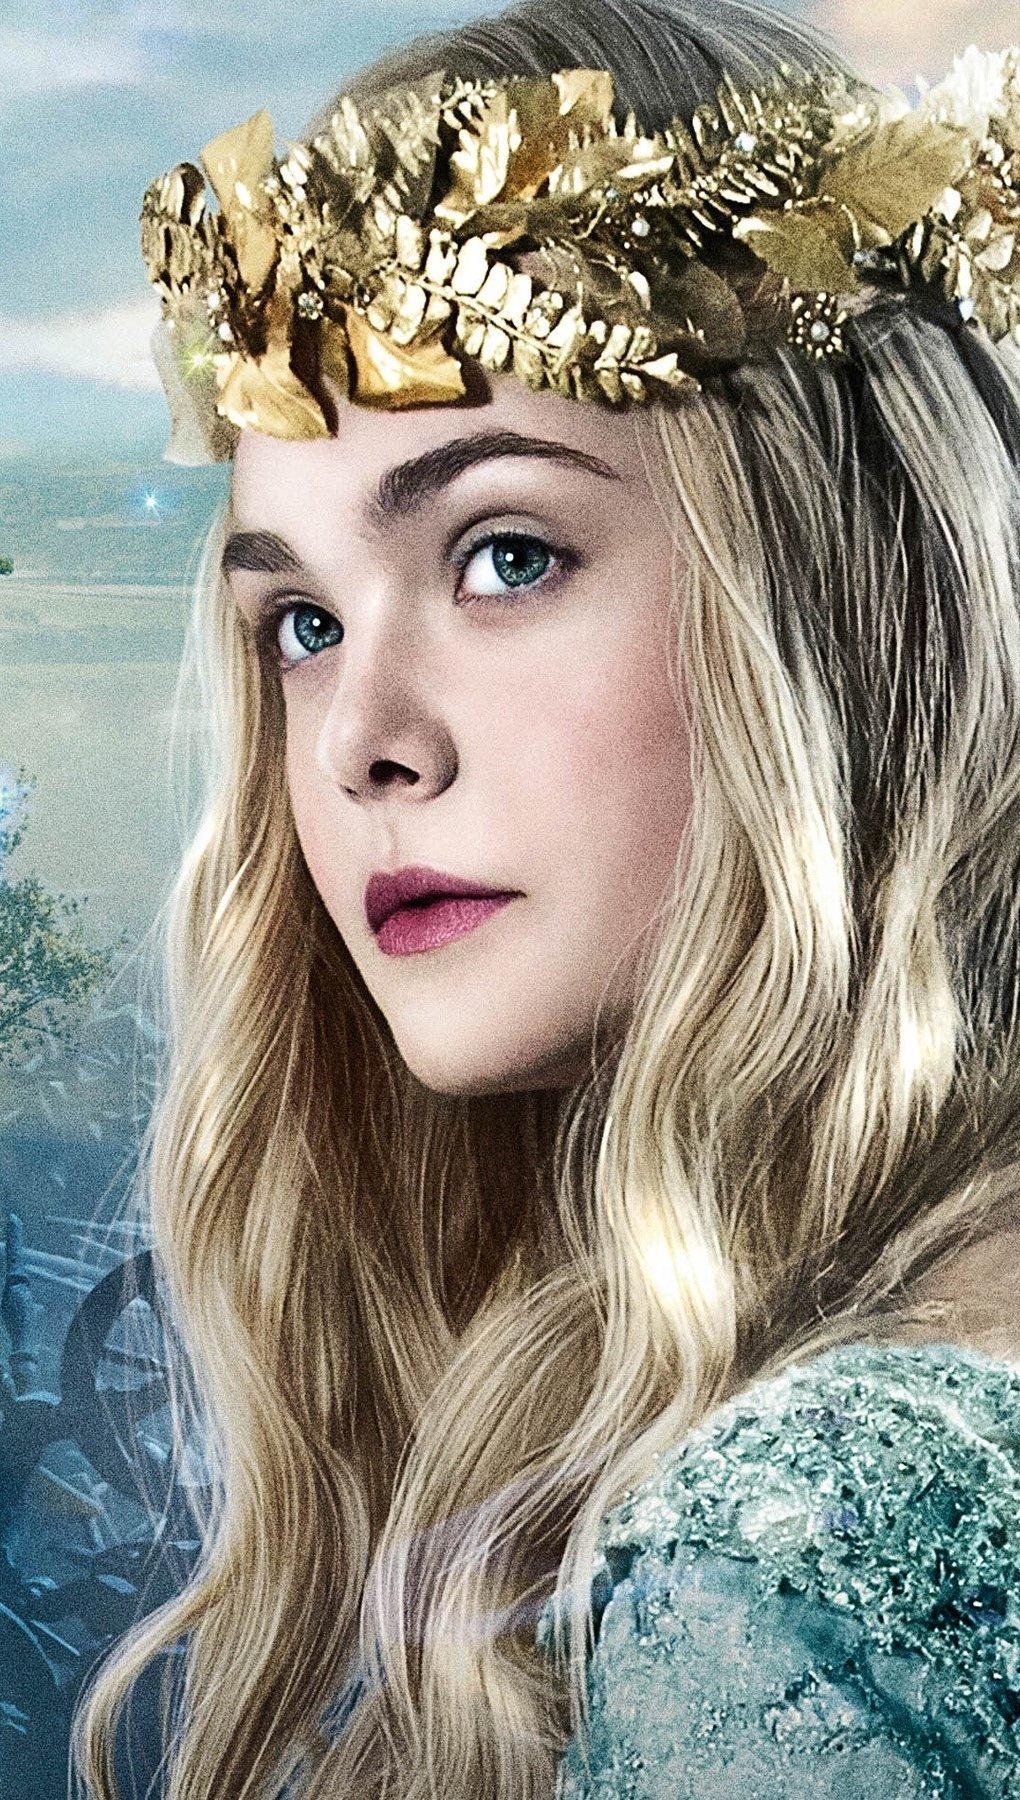 Fondos de pantalla Elle Fanning como la Princesa Aurora Vertical